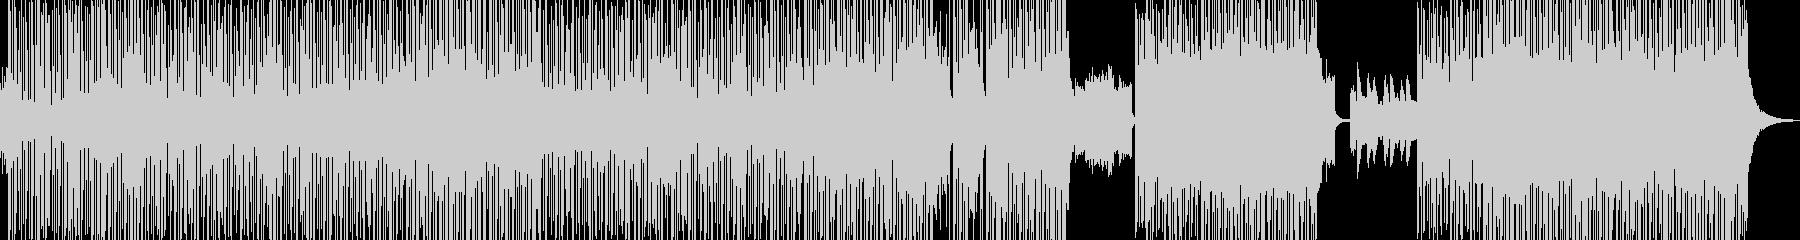 冷めた恋仲をイメージ・目立つピアノ構成の未再生の波形